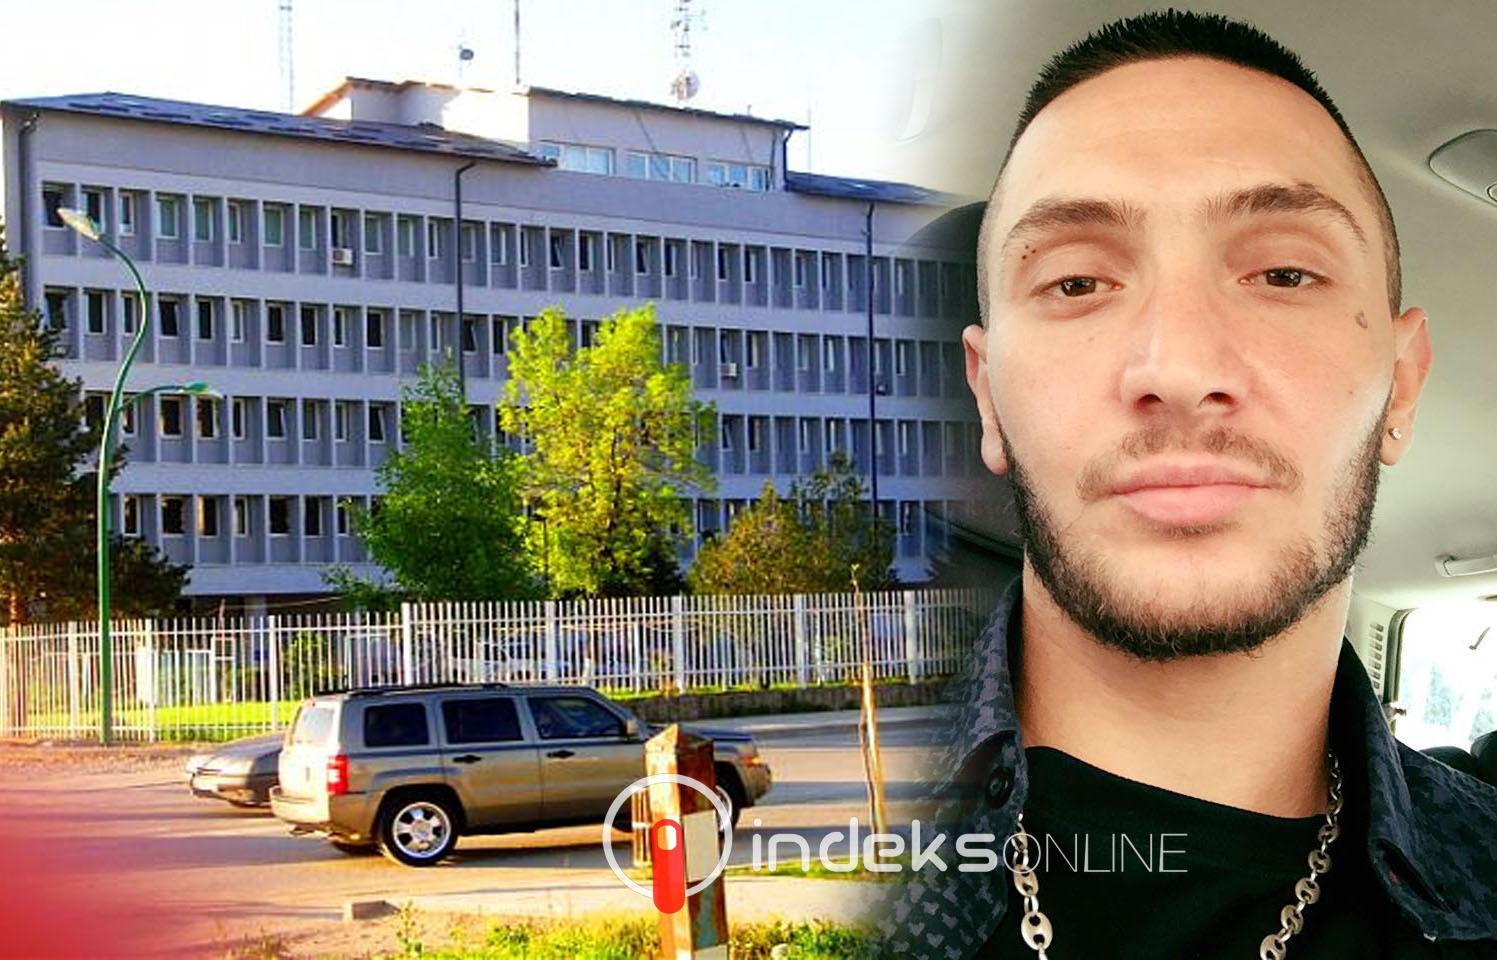 Dardan Krivaqa po dërgohet në stacionin e Policisë në Ferizaj -  Indeksonline.net